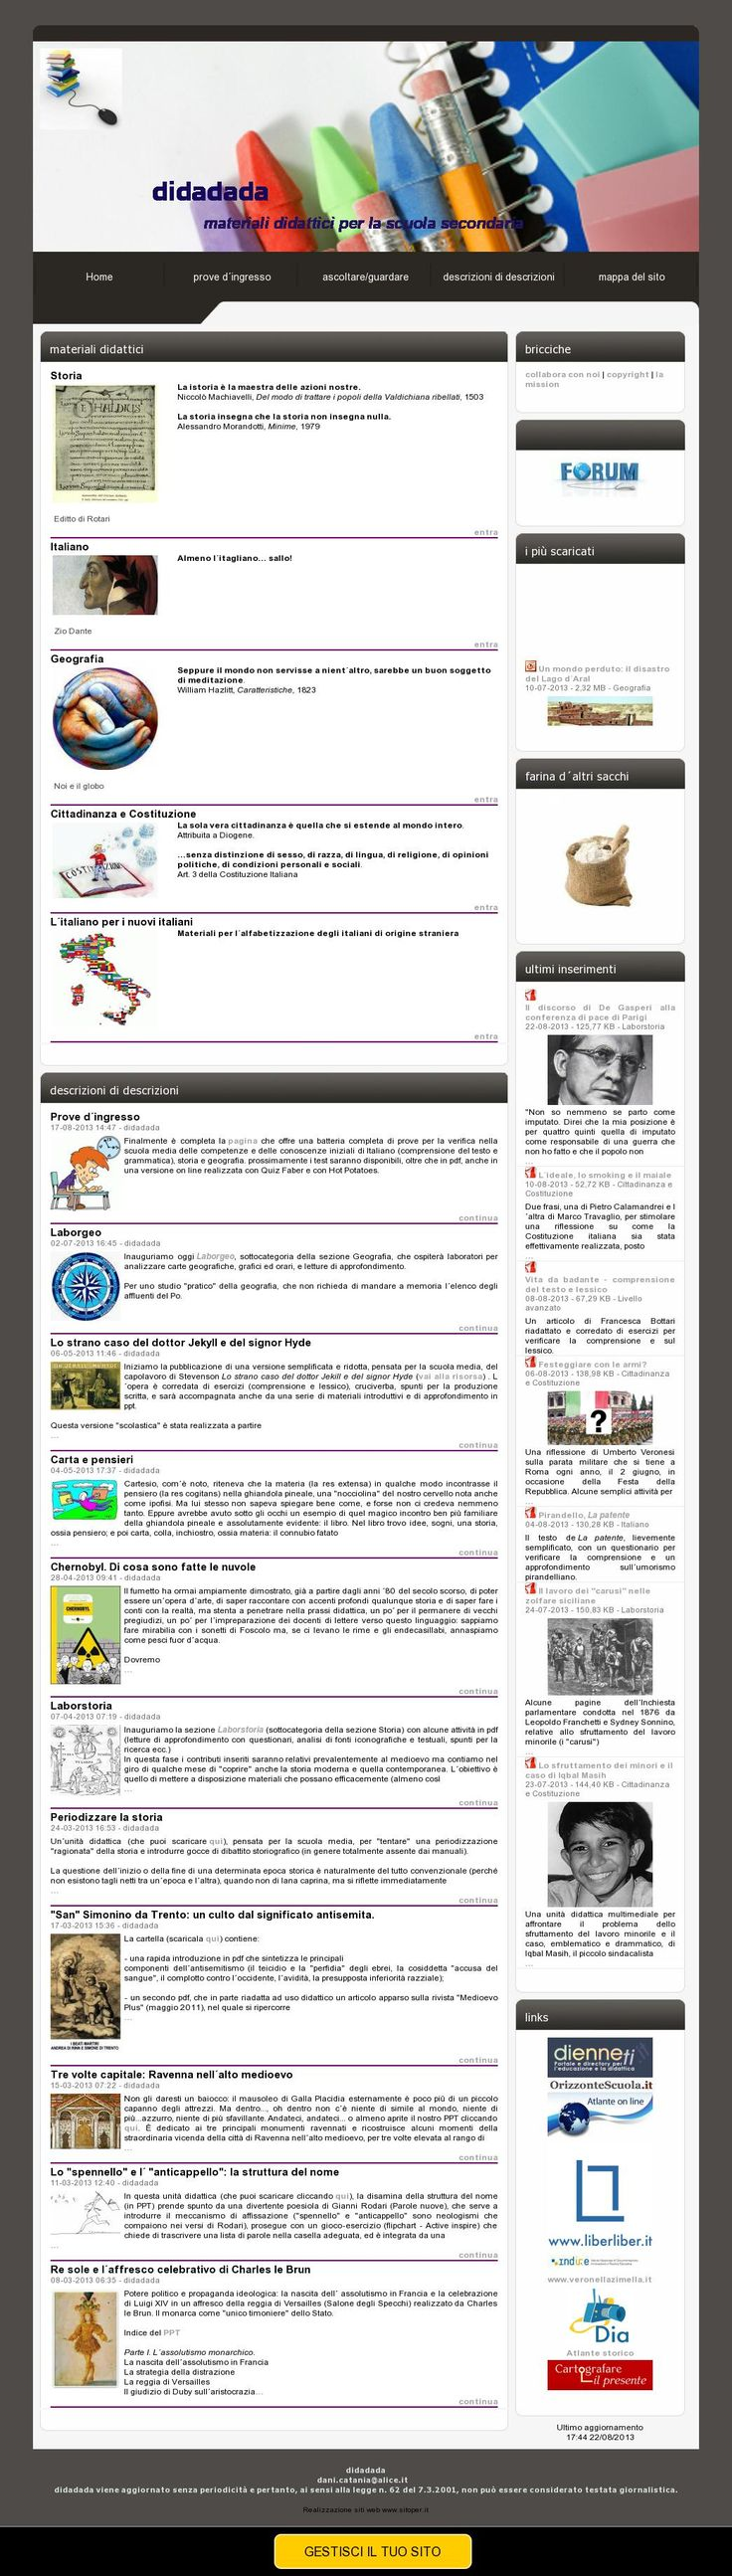 Materiali didattici per la scuola secondaria di primo grado 'http://www.didadada.it/index.php?c=3' courtesy of @Pinstamatic (http://pinstamatic.com)